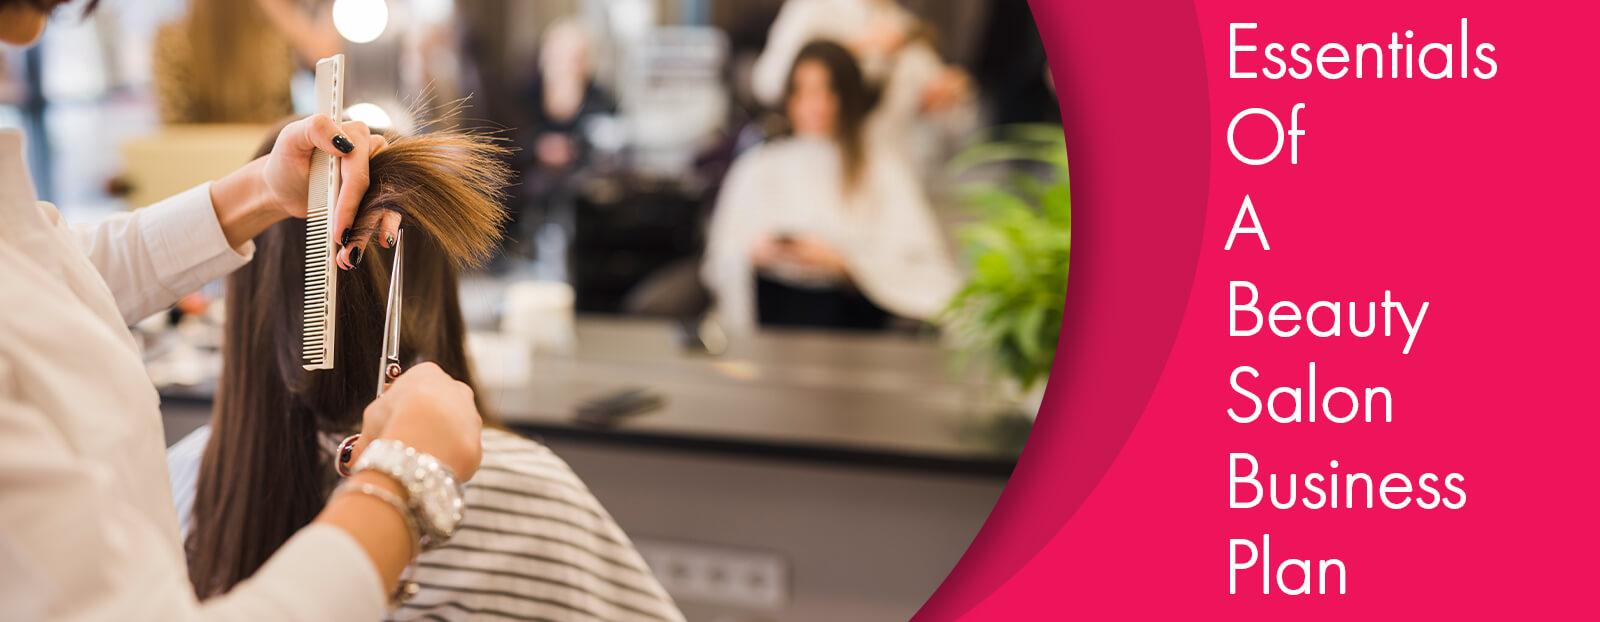 Essentials Of A Beauty Salon Business Plan